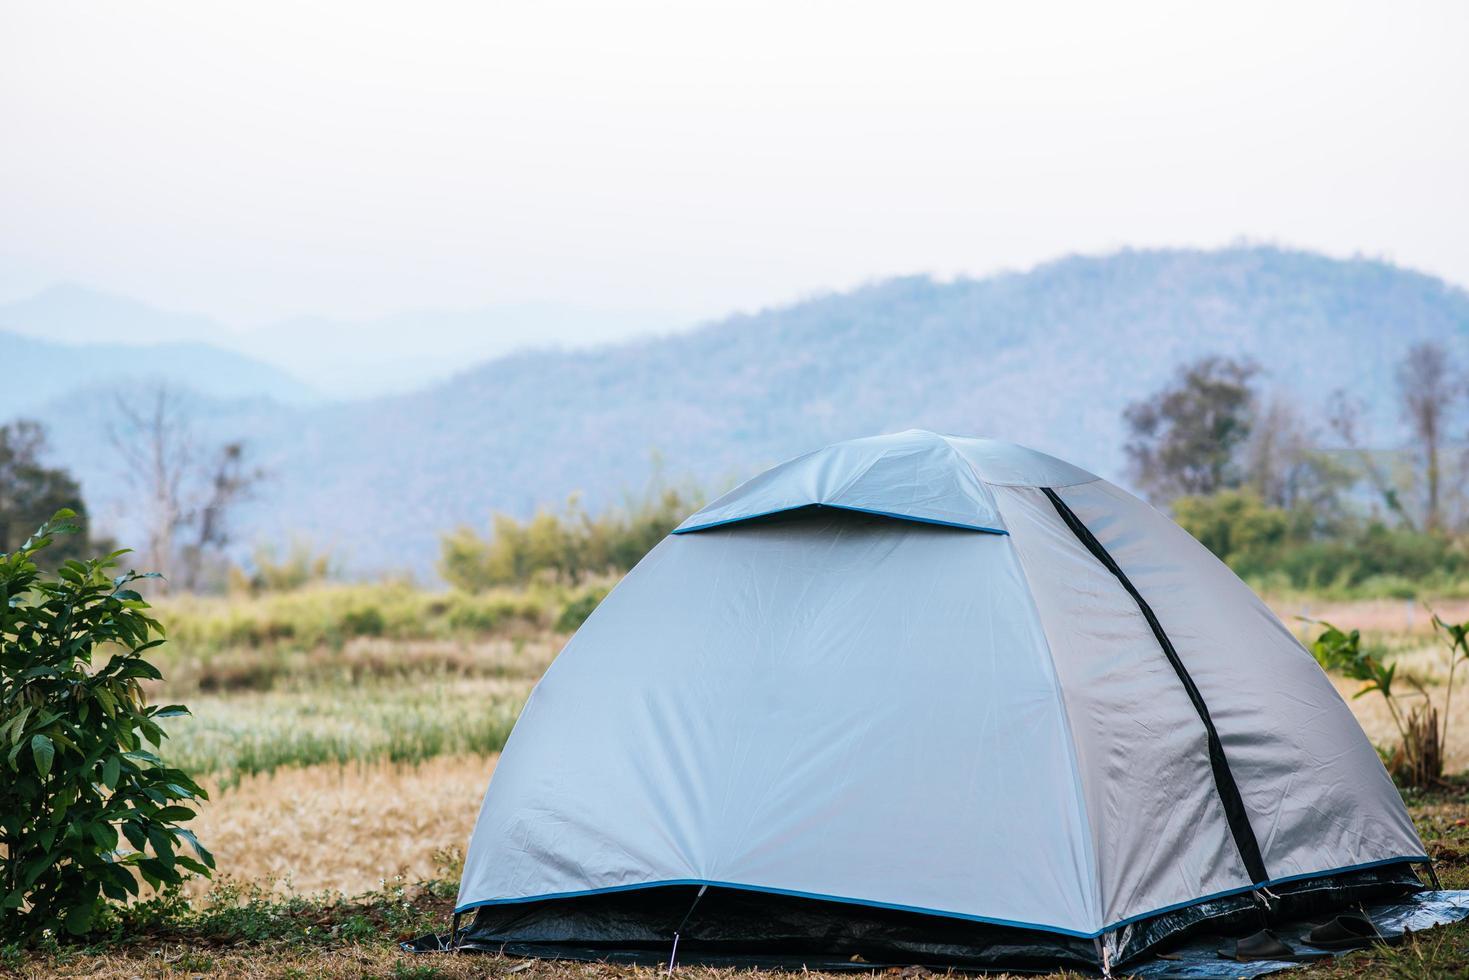 carpa turística en campamento en la montaña. foto